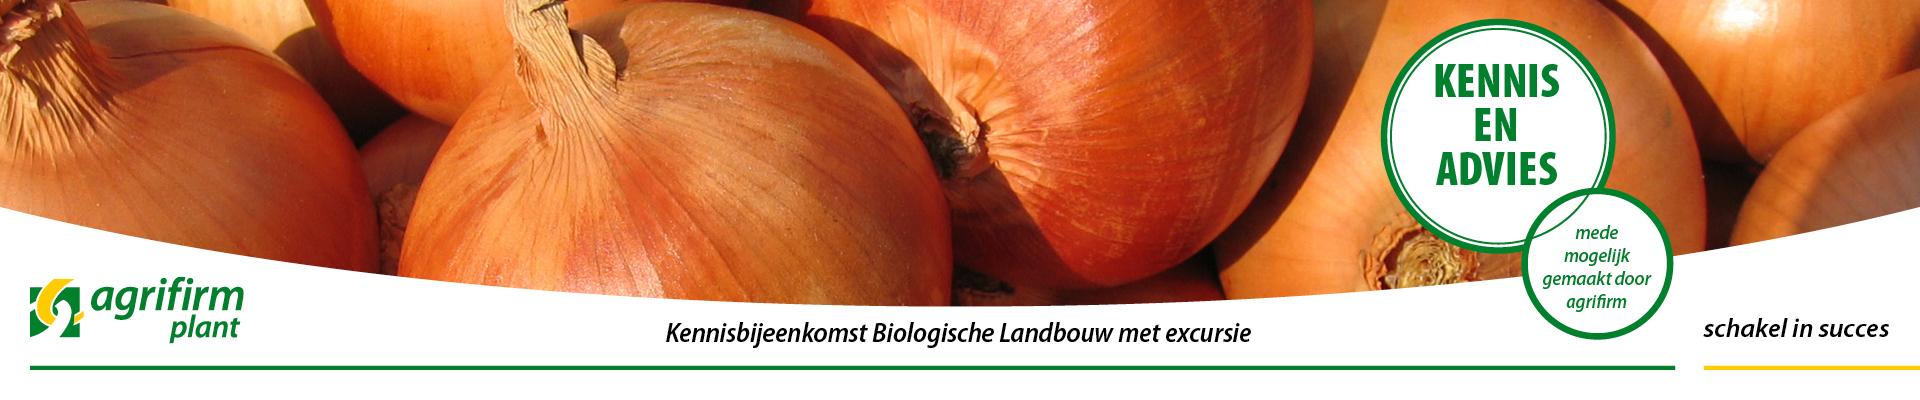 Kennisbijeenkomst Biologische Landbouw met excursie